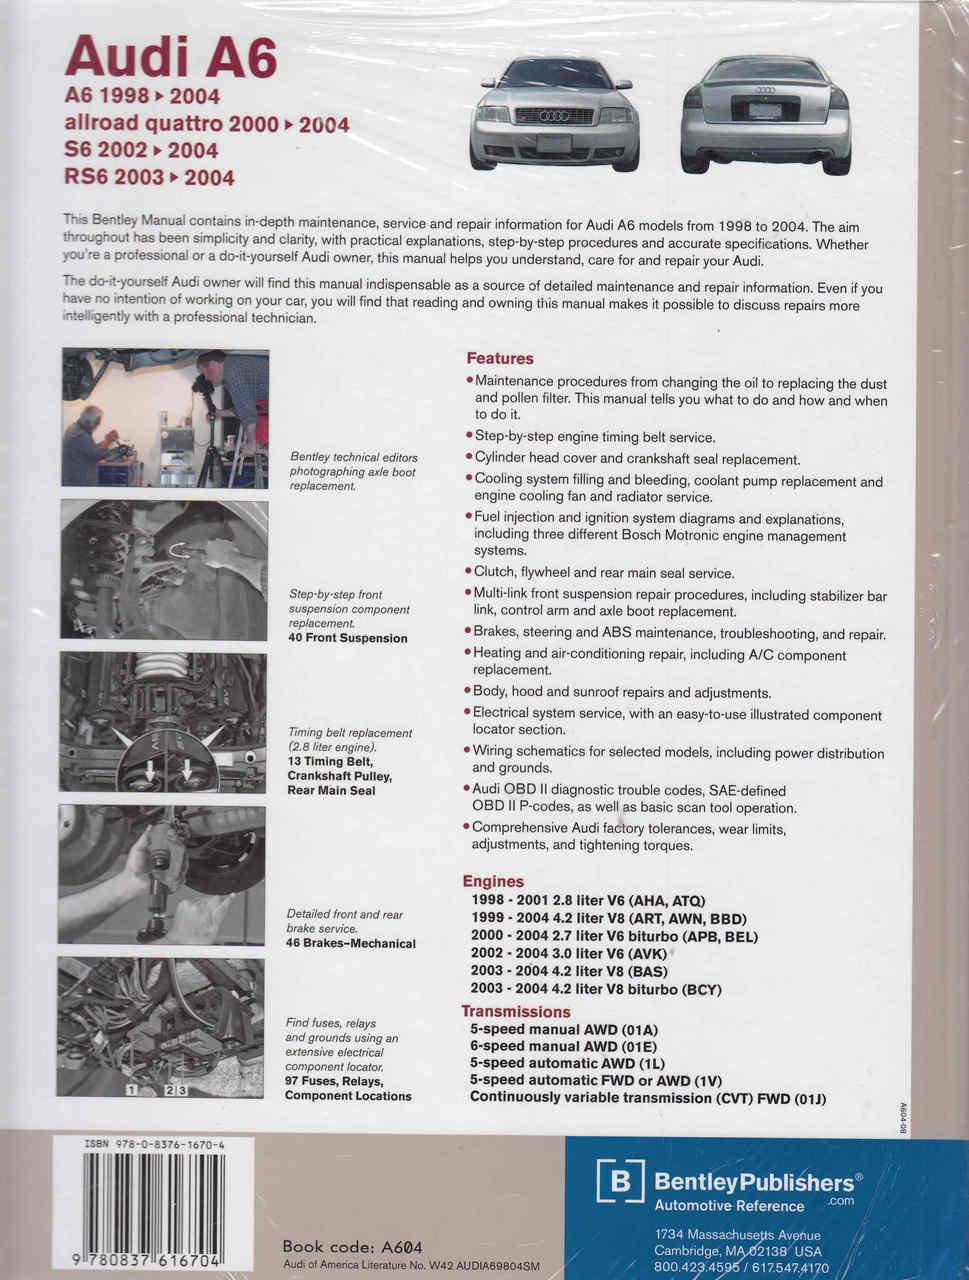 2001 audi allroad repair manual user guide manual that easy to read u2022 rh lenderdirectory co repair manual audi a6 repair manual audi a6 c5 pdf